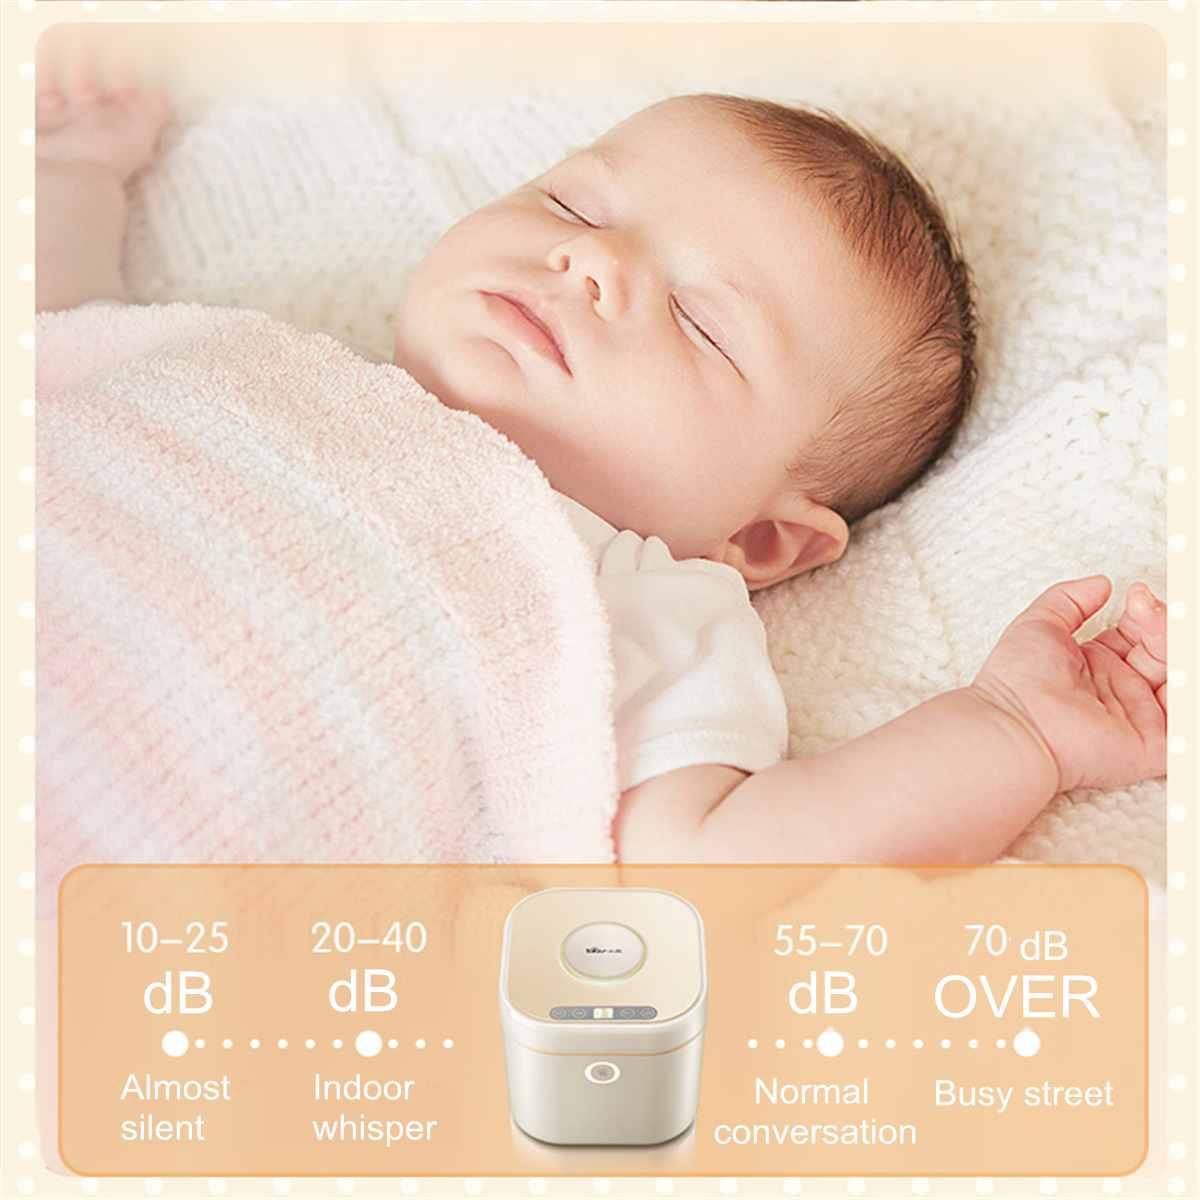 Универсальное электрическое питание новорожденного бутылки молока сушилка; стерилизатор сушилка машина многофункциональная Бутылка стерилизатор очиститель